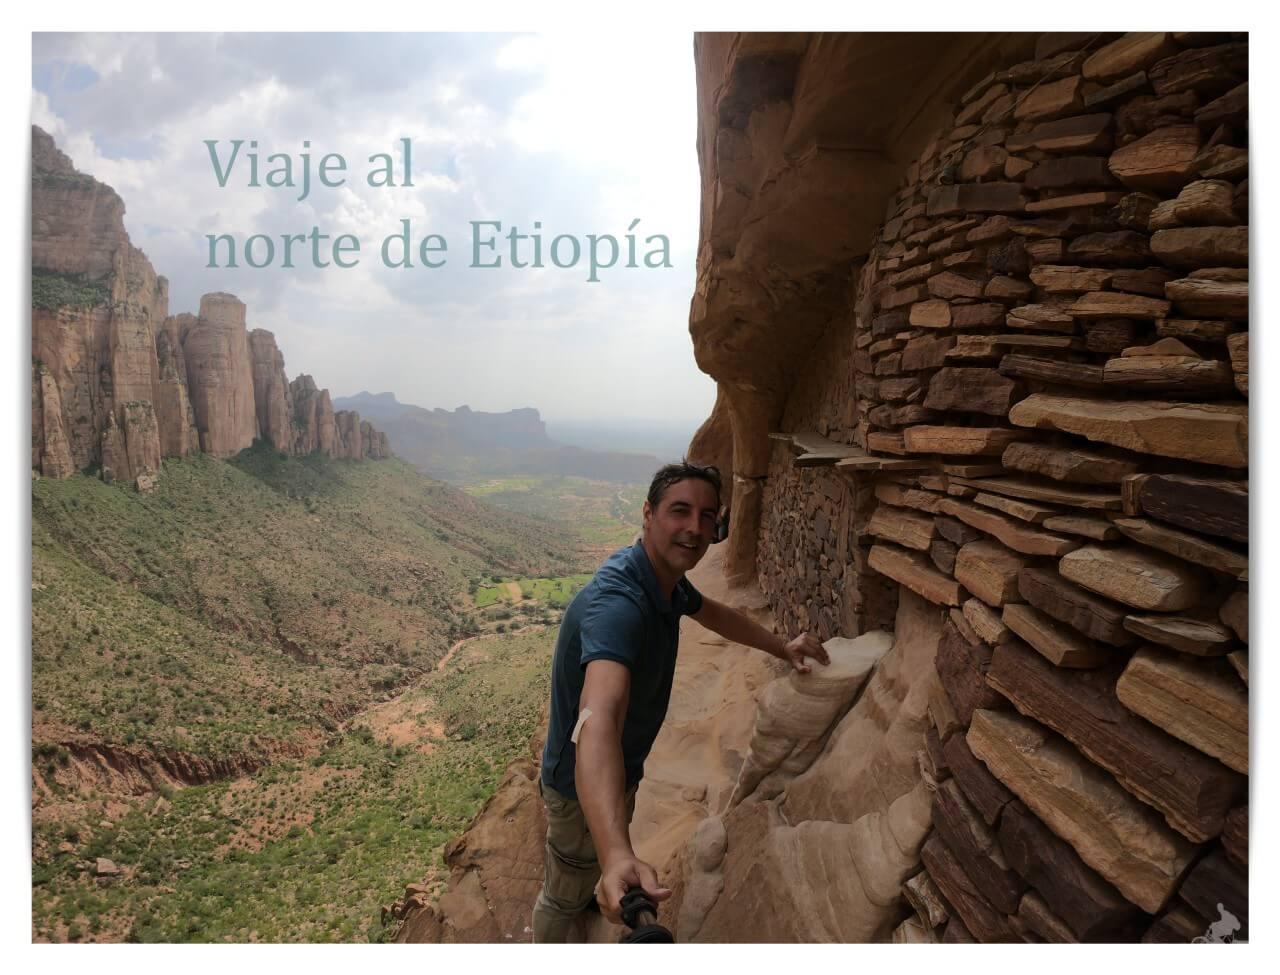 viaje a etiopia - norte etiopía